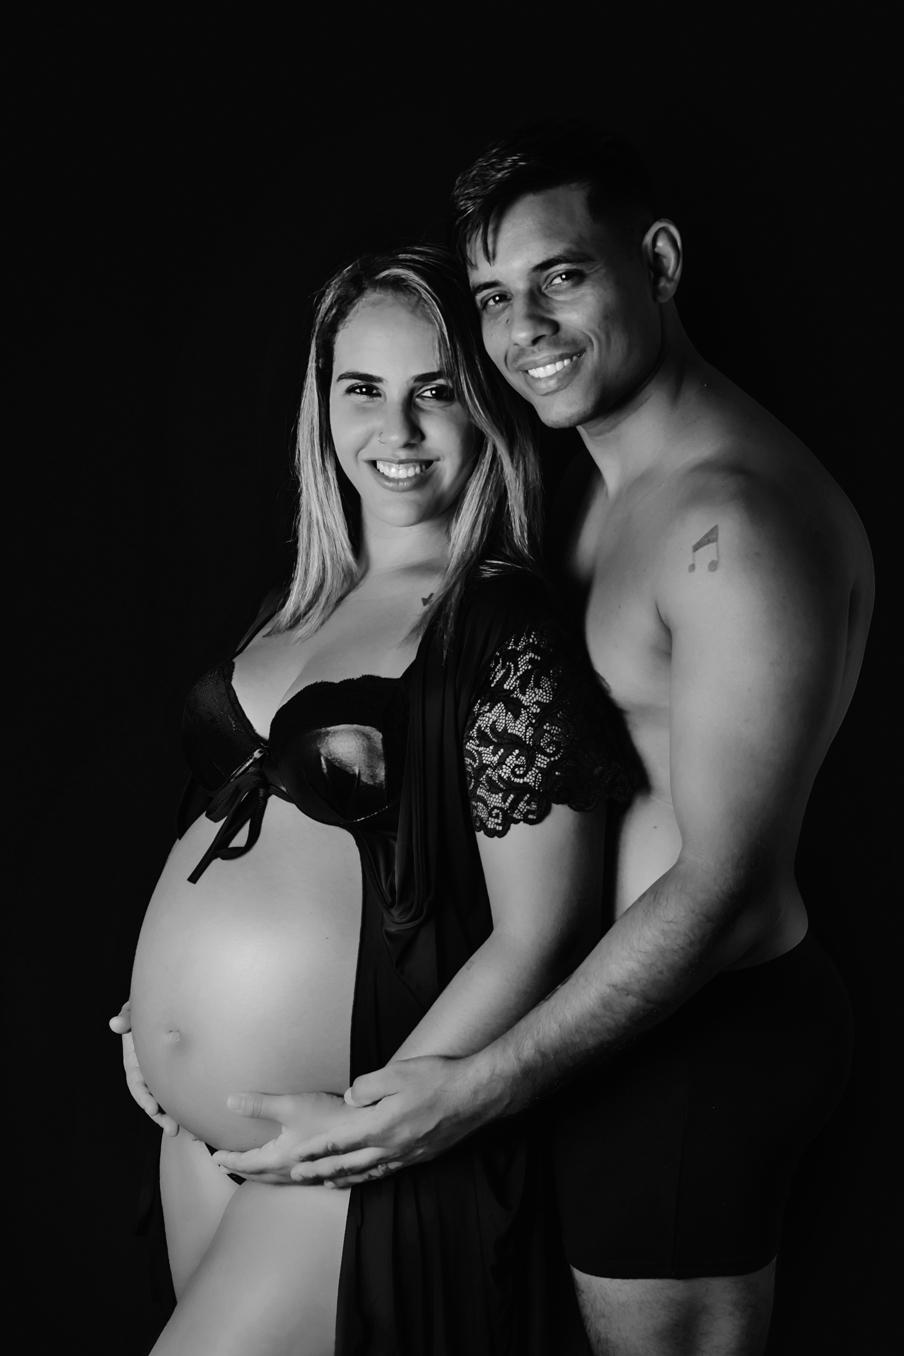 Ensaio fotográfico de gestante, ensaio de gravida, ensaio gestante estudio, ensaio gestante em Niterói, ensaio gestante no Rio de Janeiro, nossa casa petit, ensaio fotográfico, sessão fotográfica, book gestante estúdio, ensaio gestante sensual, lingerie